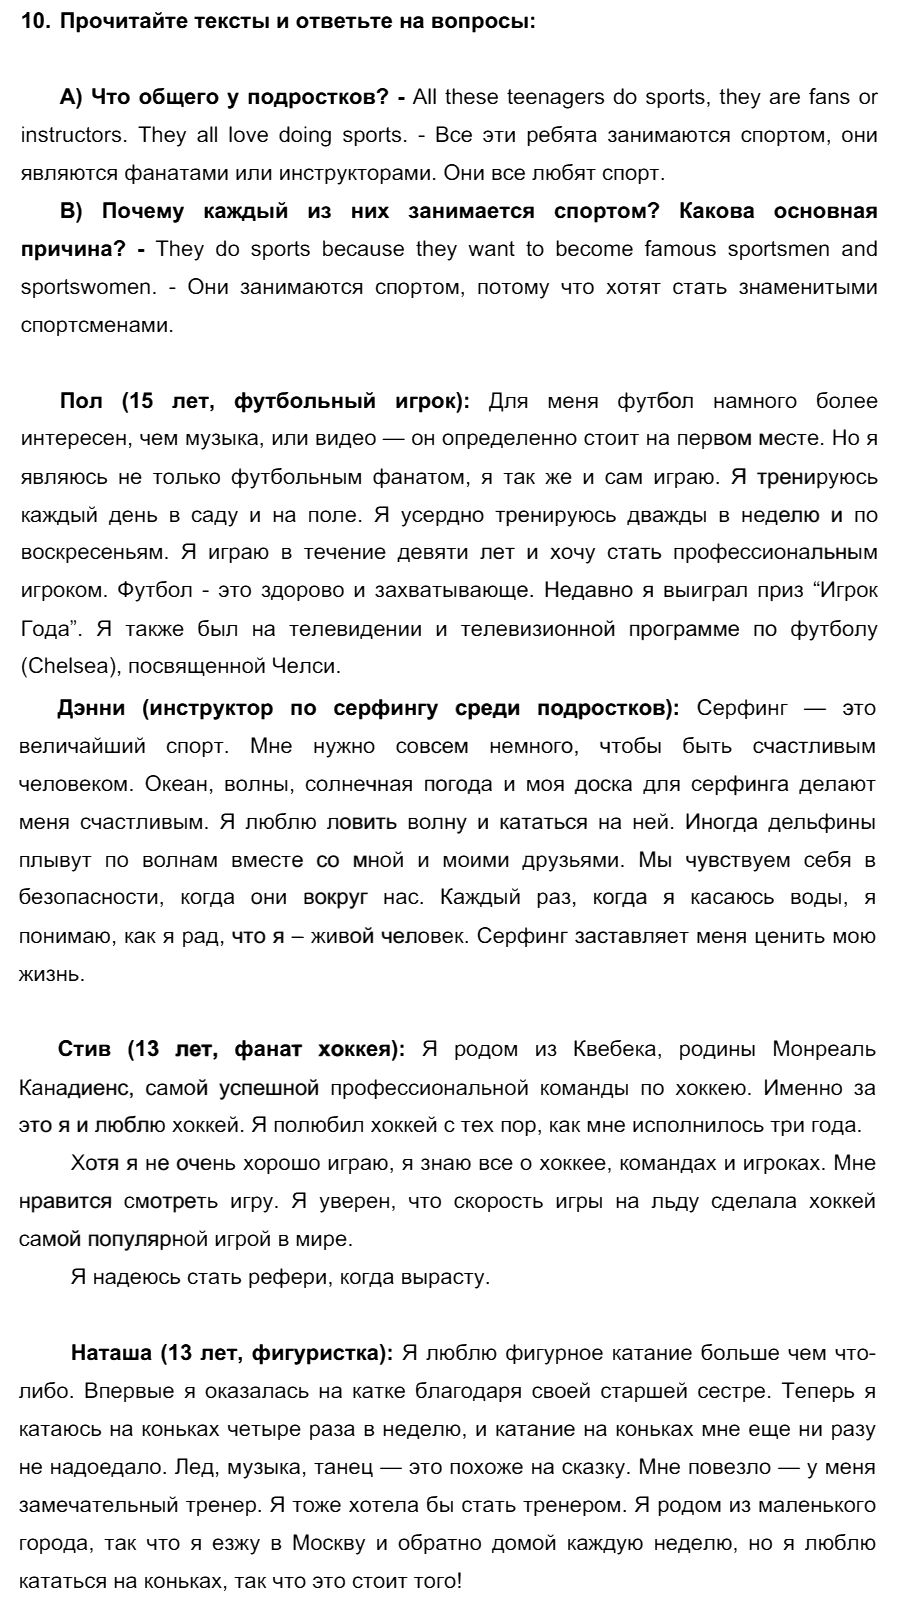 Английский язык 7 класс Биболетова М. З. Unit 4. Спорт - это весело / Разделы 1-4: 10